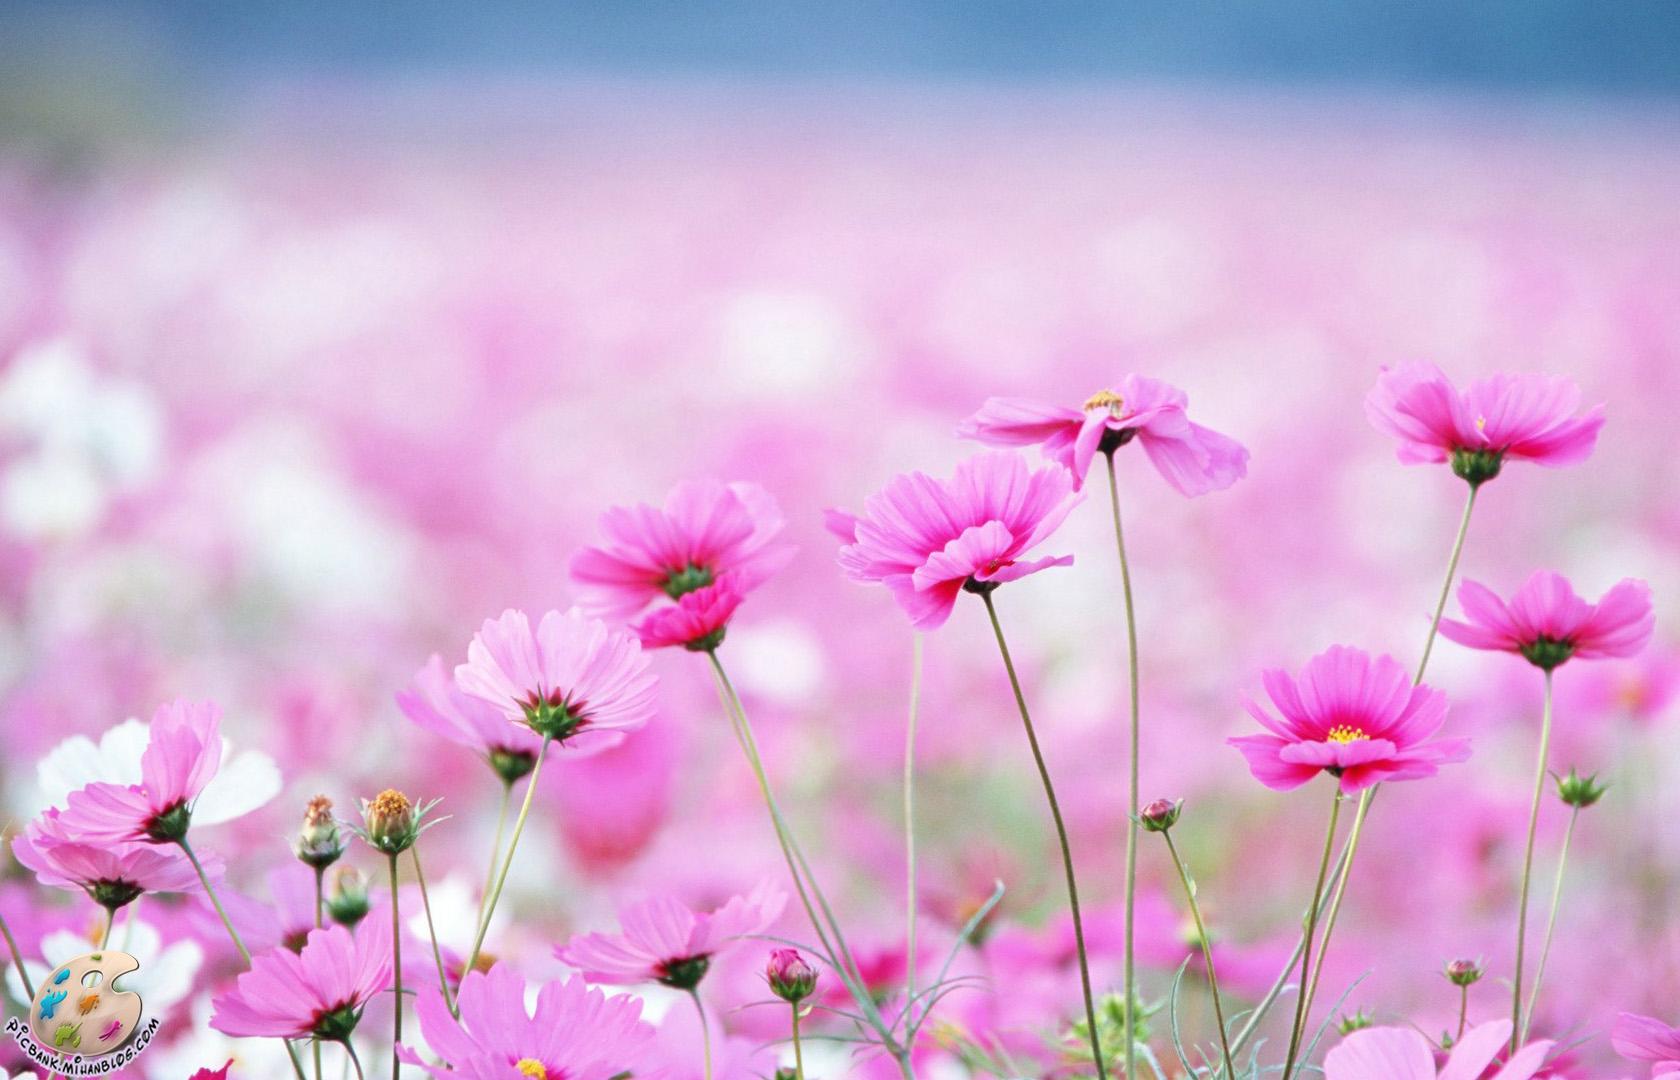 صورتی ، گل صورتی ، گلهای صورتی ، عکس ، عکسهای زیبا ، عکس های زیبا ، عکس باکیفیت ، عکس با کیفیت ، عکسهای باکیفیت ، گل ، عکس گل ، عکسهای گل ، گل و گیاه ، عکس گل و گیاه ، عکسهای گل و گیاه ، والپیپر ، والپیپرهای زیبا ، والپیپر زیبا ، والپیپر گل ، والپیپرهای گل ، والپیپر گل و گیاه ، گلهای زیبا ، گلها ، گل ها ، گل های زیبا ، عکس لطیف ، عکس دیدنی ، عکسهای دیدنی ، طبیعت ، طبیعت زیبا ، عکسهای لطیف ، والپیپر لطیف ، والپیپرهای لطیف ، گلهای رنگارنگ ، گل های رنگارنگ ، عکس گلهای رنگارنگ ، گل صحرایی ، گلهای صحرایی ، بهاری ، گل های بهاری ، بهار ، عکس بهار ، والپیپر بهار ، والپیپرهای بهار ، عکسهای بهار ، والپیپرهای زیبای بهار ، عکسهای دیدنی گل ، گلهای بهاری ، شکوفه ، شکوفه های زیبا ، شکوفه ها ، شکوفه بهاری ، شکوفه های بهاری ، شکوفه زیبا ، شکوفه زیبای بهاری ، شکوفه های زیبا ، شکوفه های زیبای بهاری ، عکس شکوفه ، عکسهای شکوفه ، والپیپر شکوفه ، والپیپرهای شکوفه ، والپیپر بهار ، والپیپرهای بهار ، بک گراند ، بکگراند ، عکس دسکتاپ ، عکسهای دسکتاپ ، عکس بک گراند ، عکسهای بک گراند ، بک گراند کامپیوتر ، دسکتاپ کامپیوتر ،